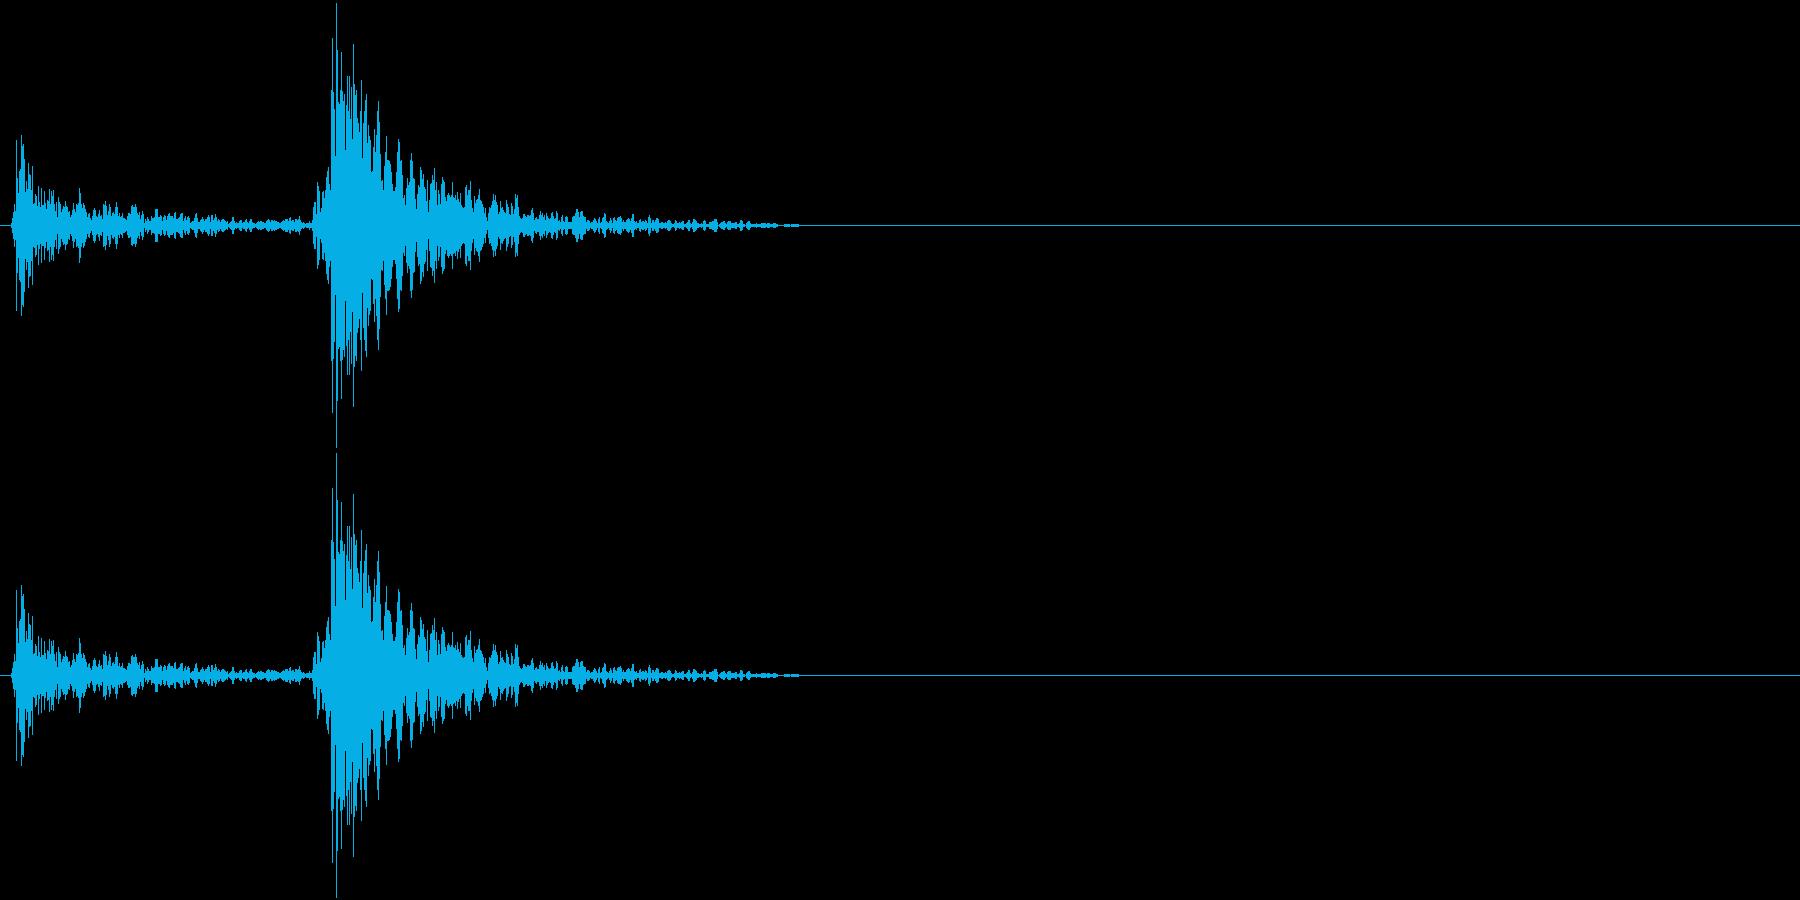 扉・ドアを閉める時の音(ガチャン)の再生済みの波形